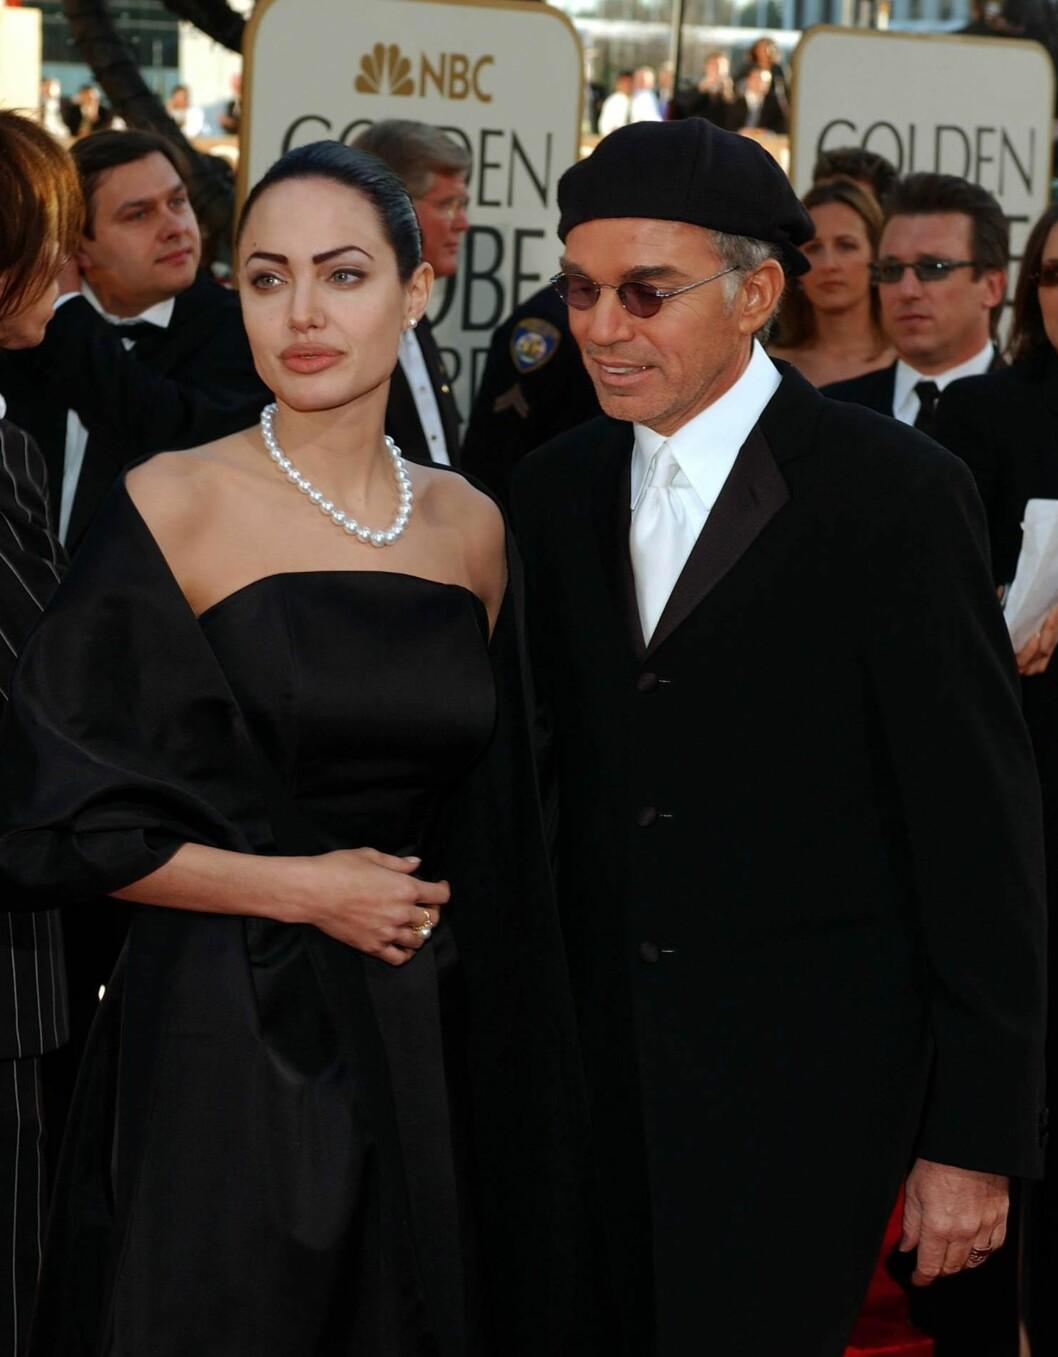 EKSEN: Billy Bob Thornton var gift med Angelina Jolie fra 2000 til 2003. Her er de avbildet sammen på Golden Globe i 2002.  Foto: AFP